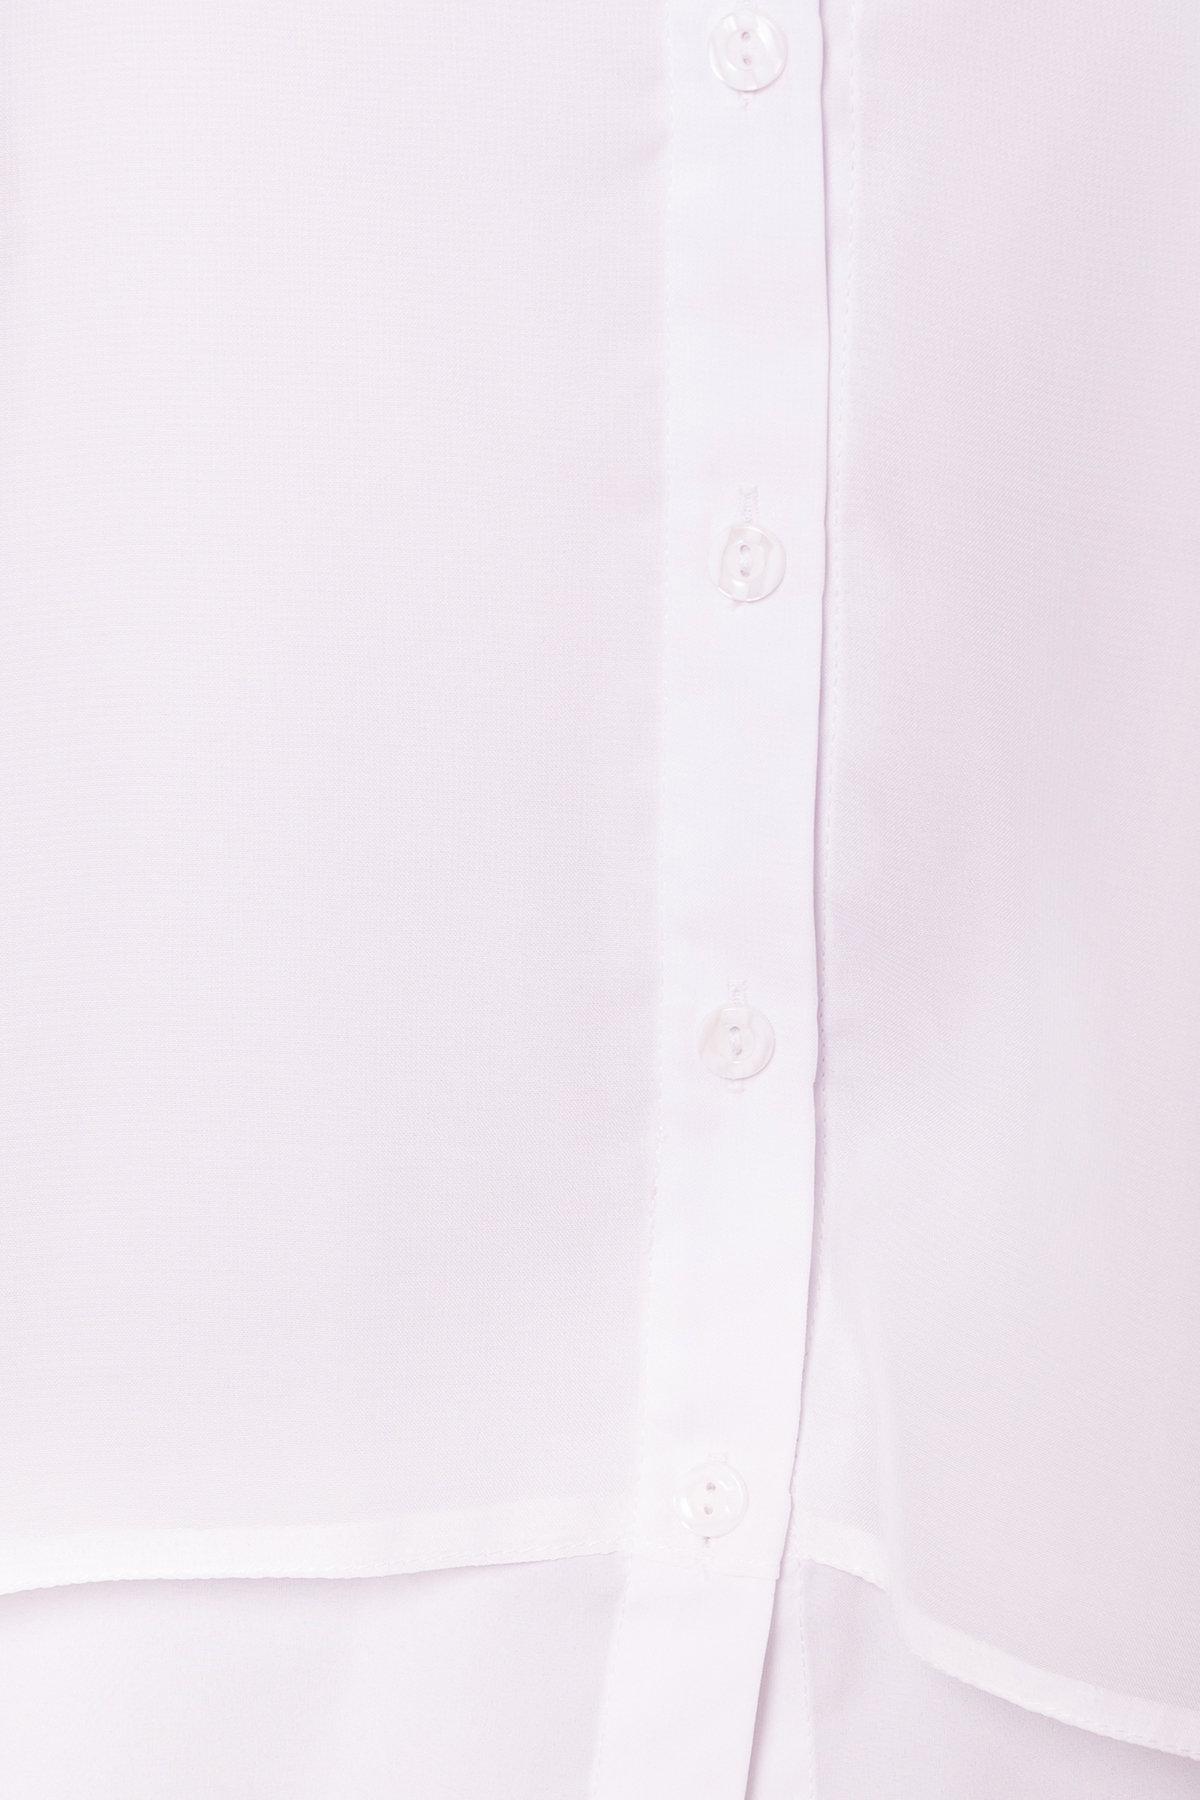 Рубашка Мелория Donna 7521 АРТ. 43455 Цвет: Белый - фото 5, интернет магазин tm-modus.ru